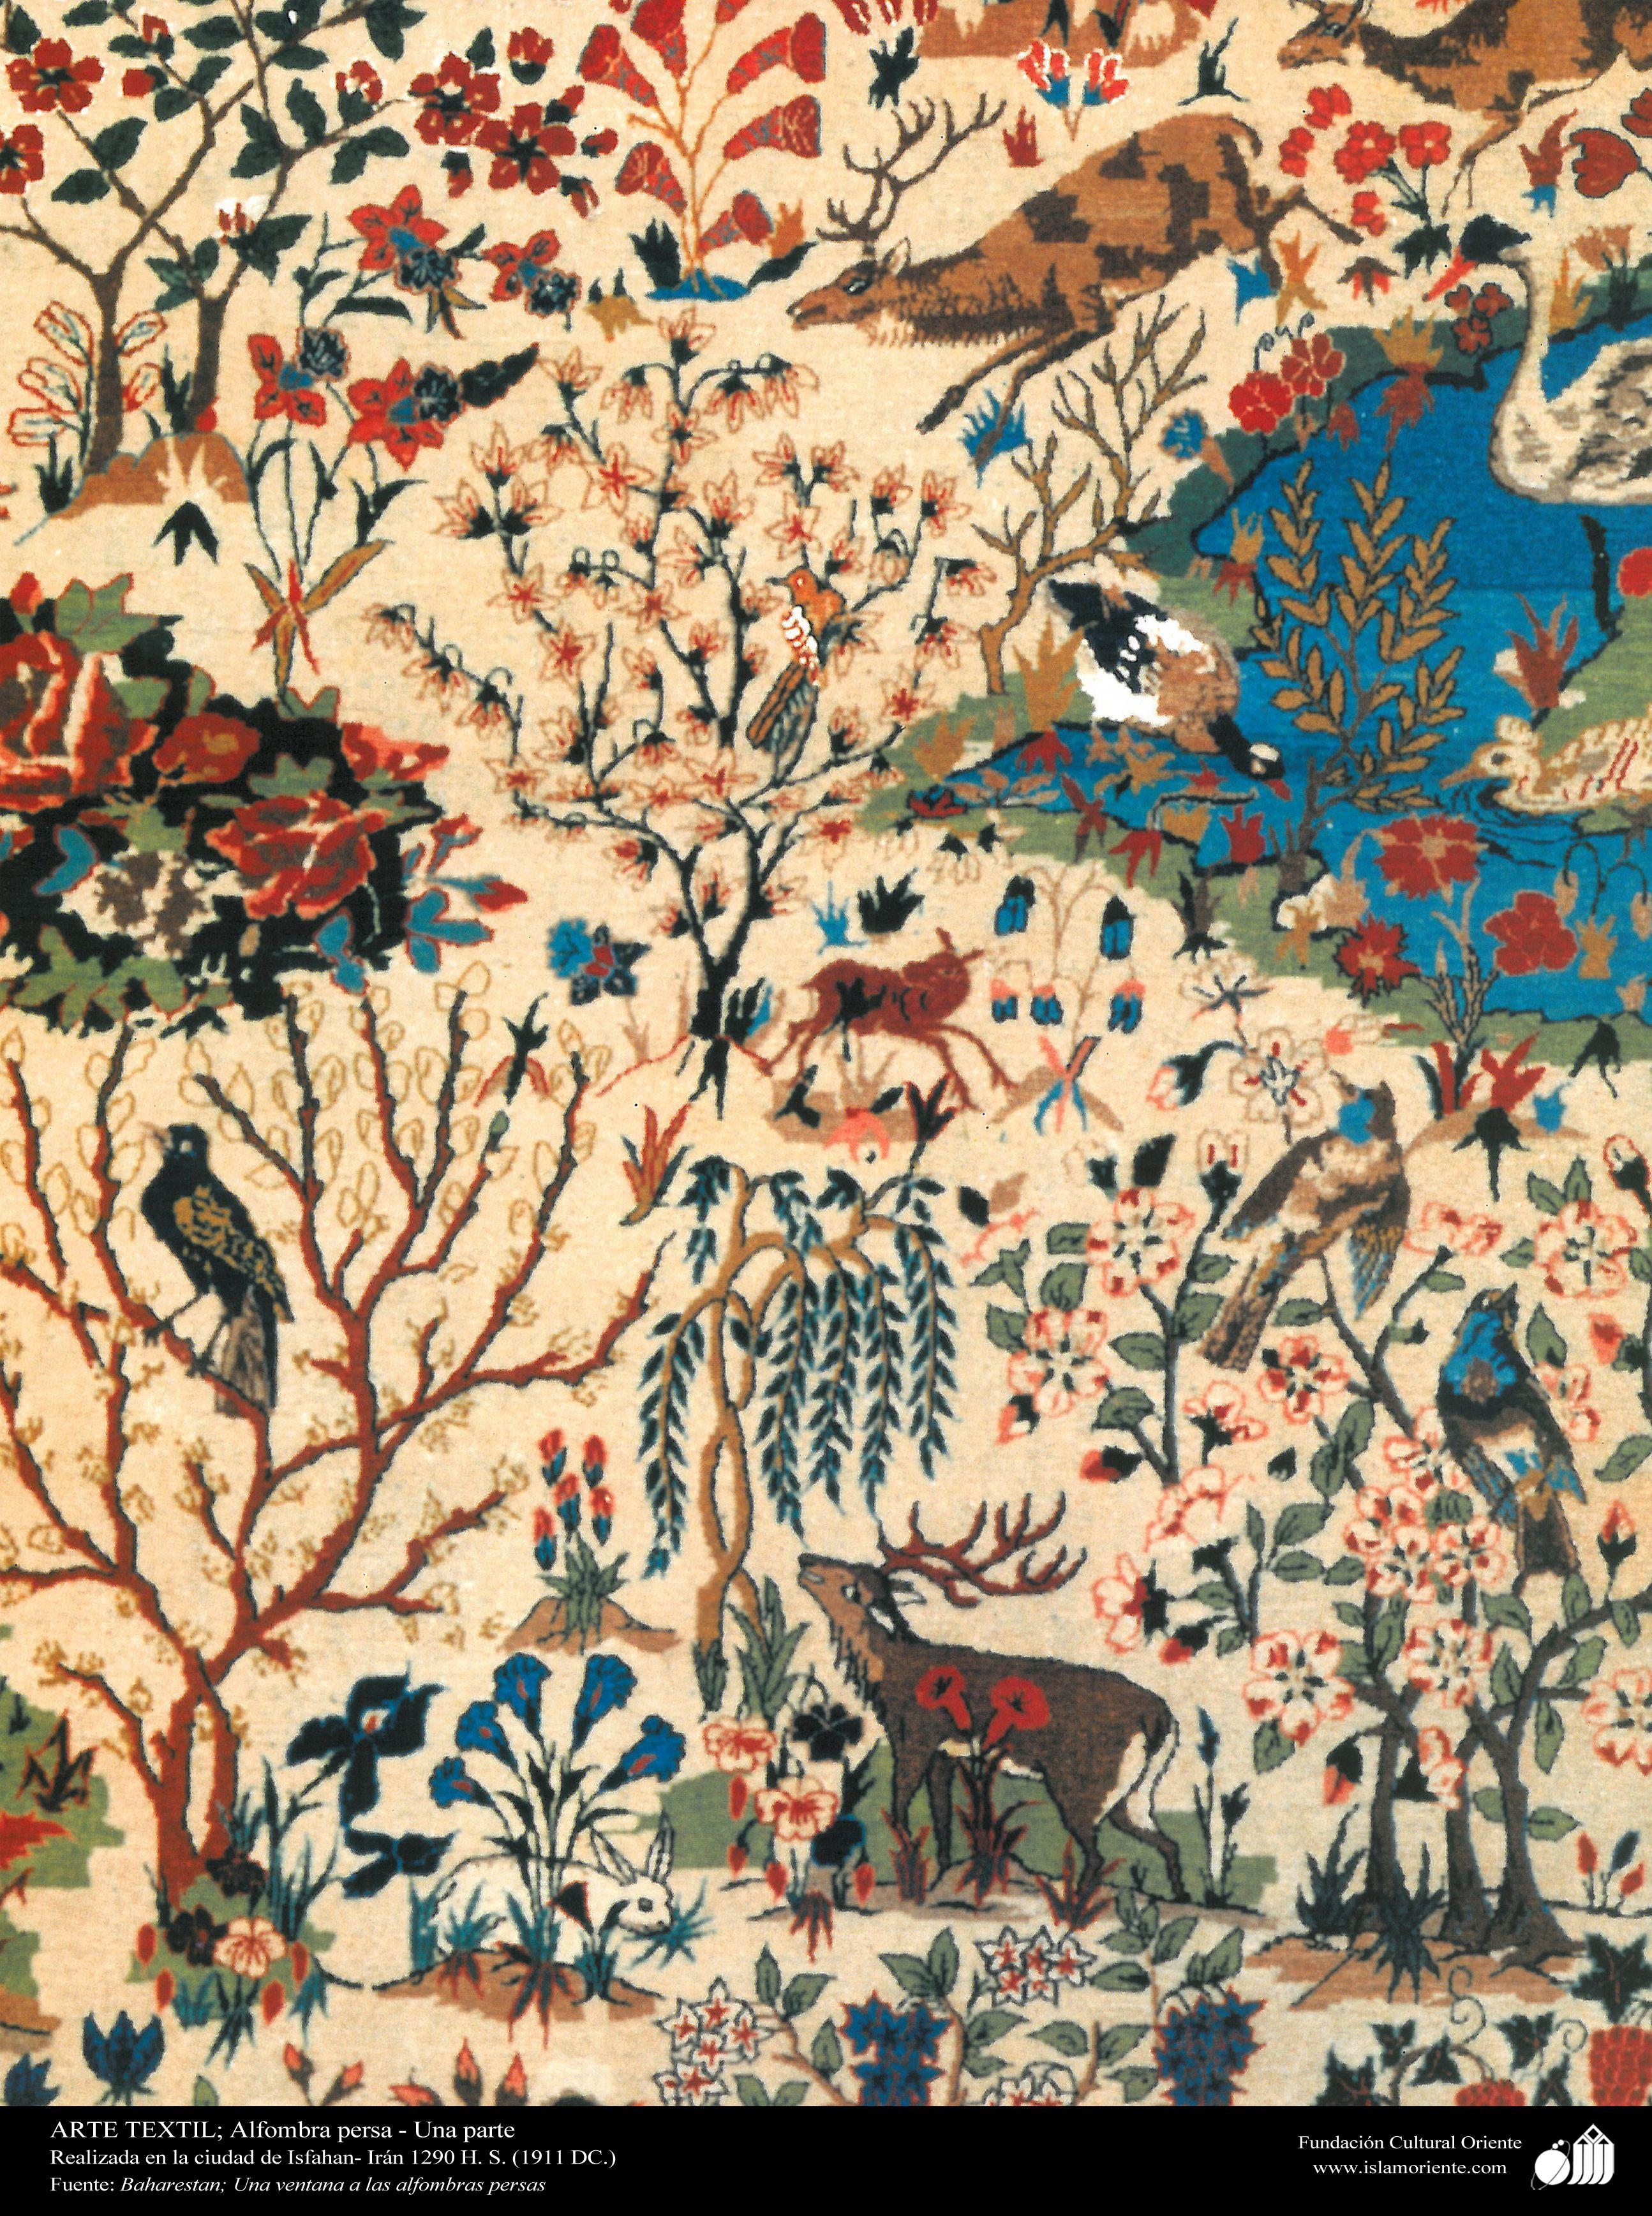 Una parte de alfombra persa realizada en la ciudad de Isfahan – Irán en 1911 | Galería de Arte Islámico y Fotografía